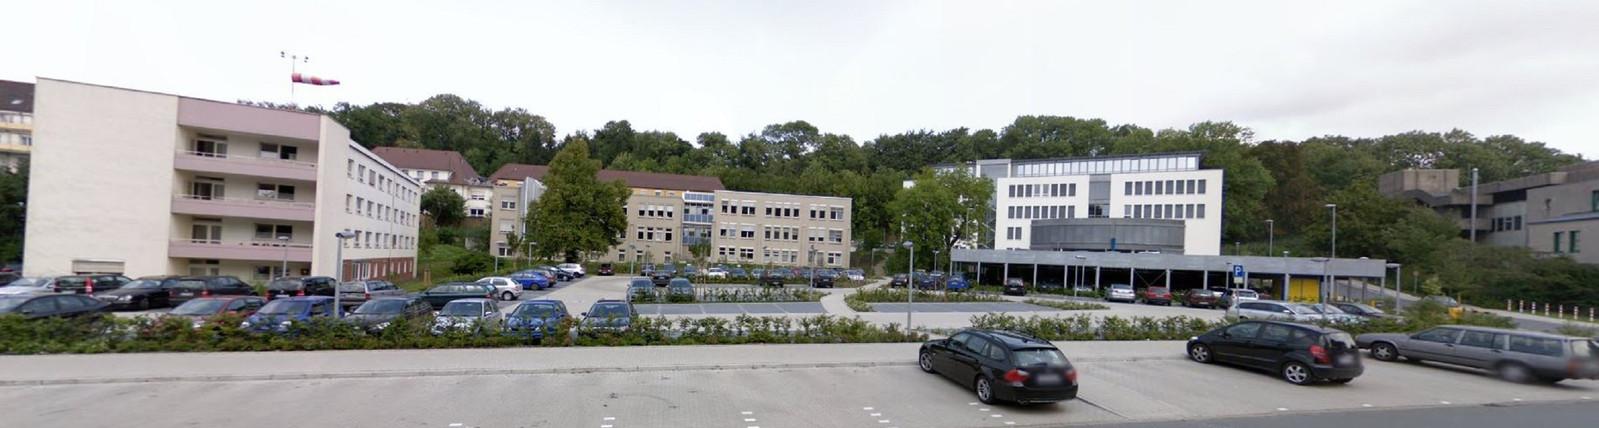 Een deel van het Evangelisches Klinikum Bethel in Bielefeld.